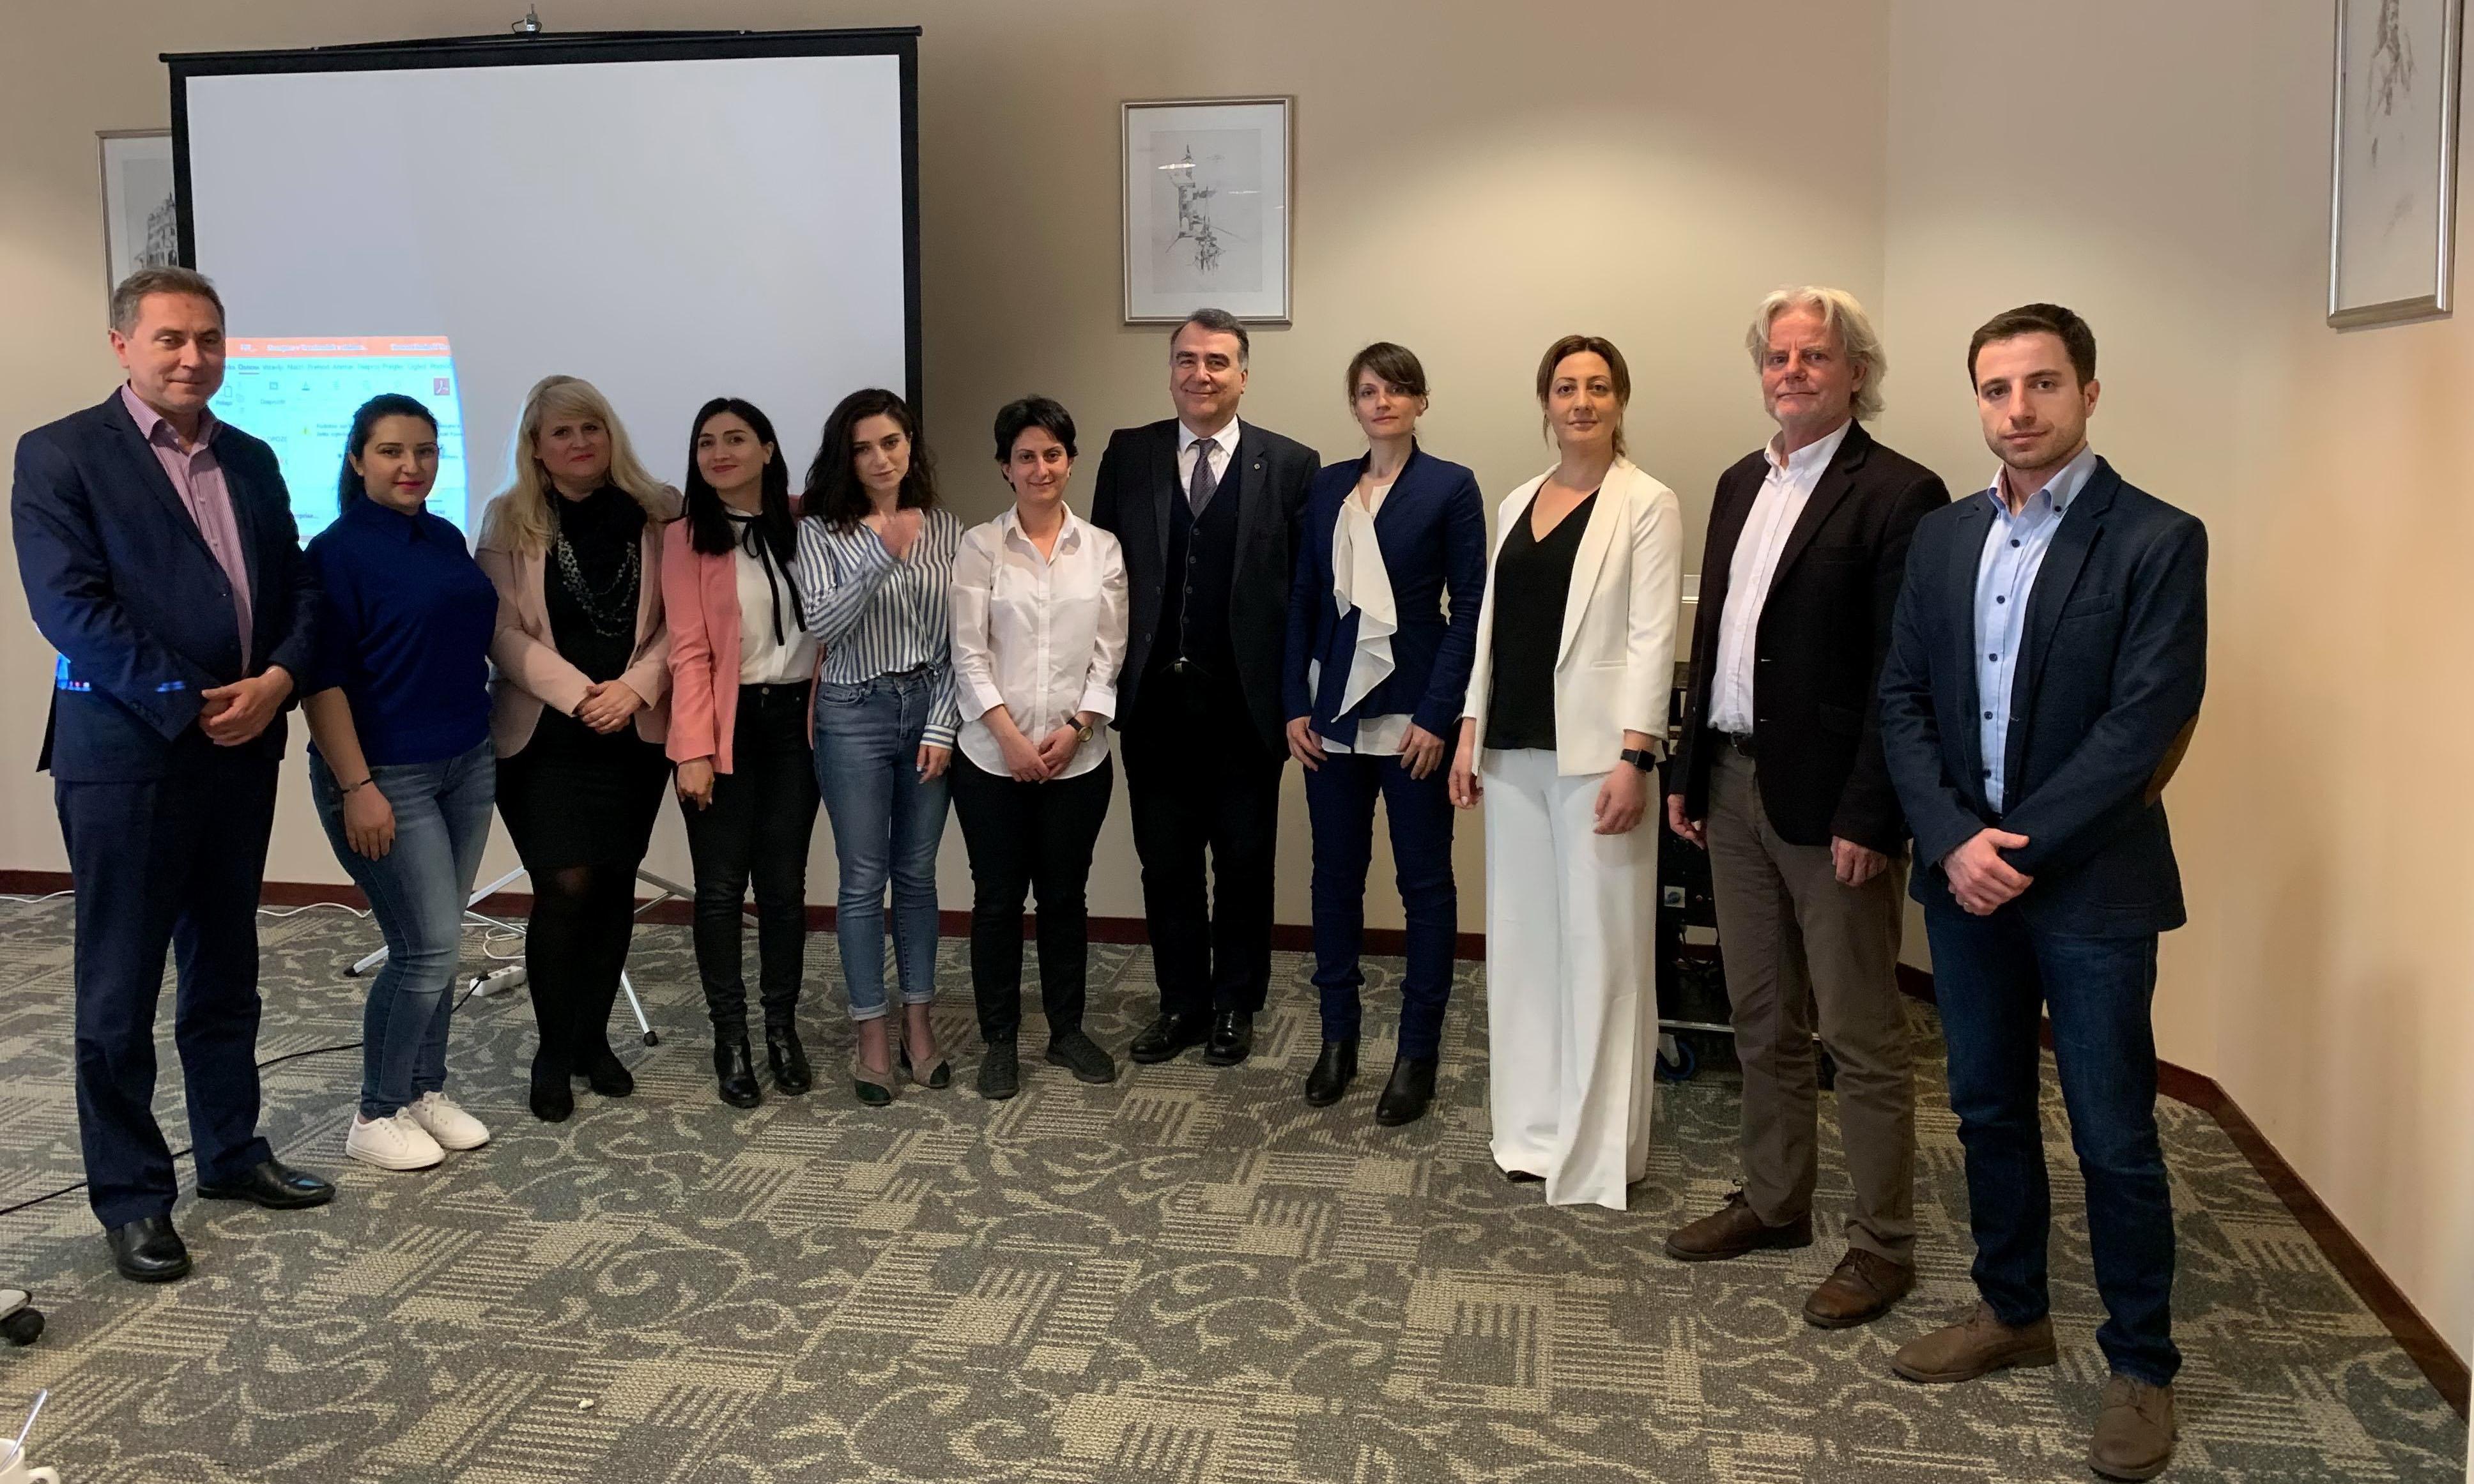 Հայաստանի տեխնոլոգիական կենտրոնների ներկայացուցիչները այցելել են Լյուբլյանայի տեխնոպարկ